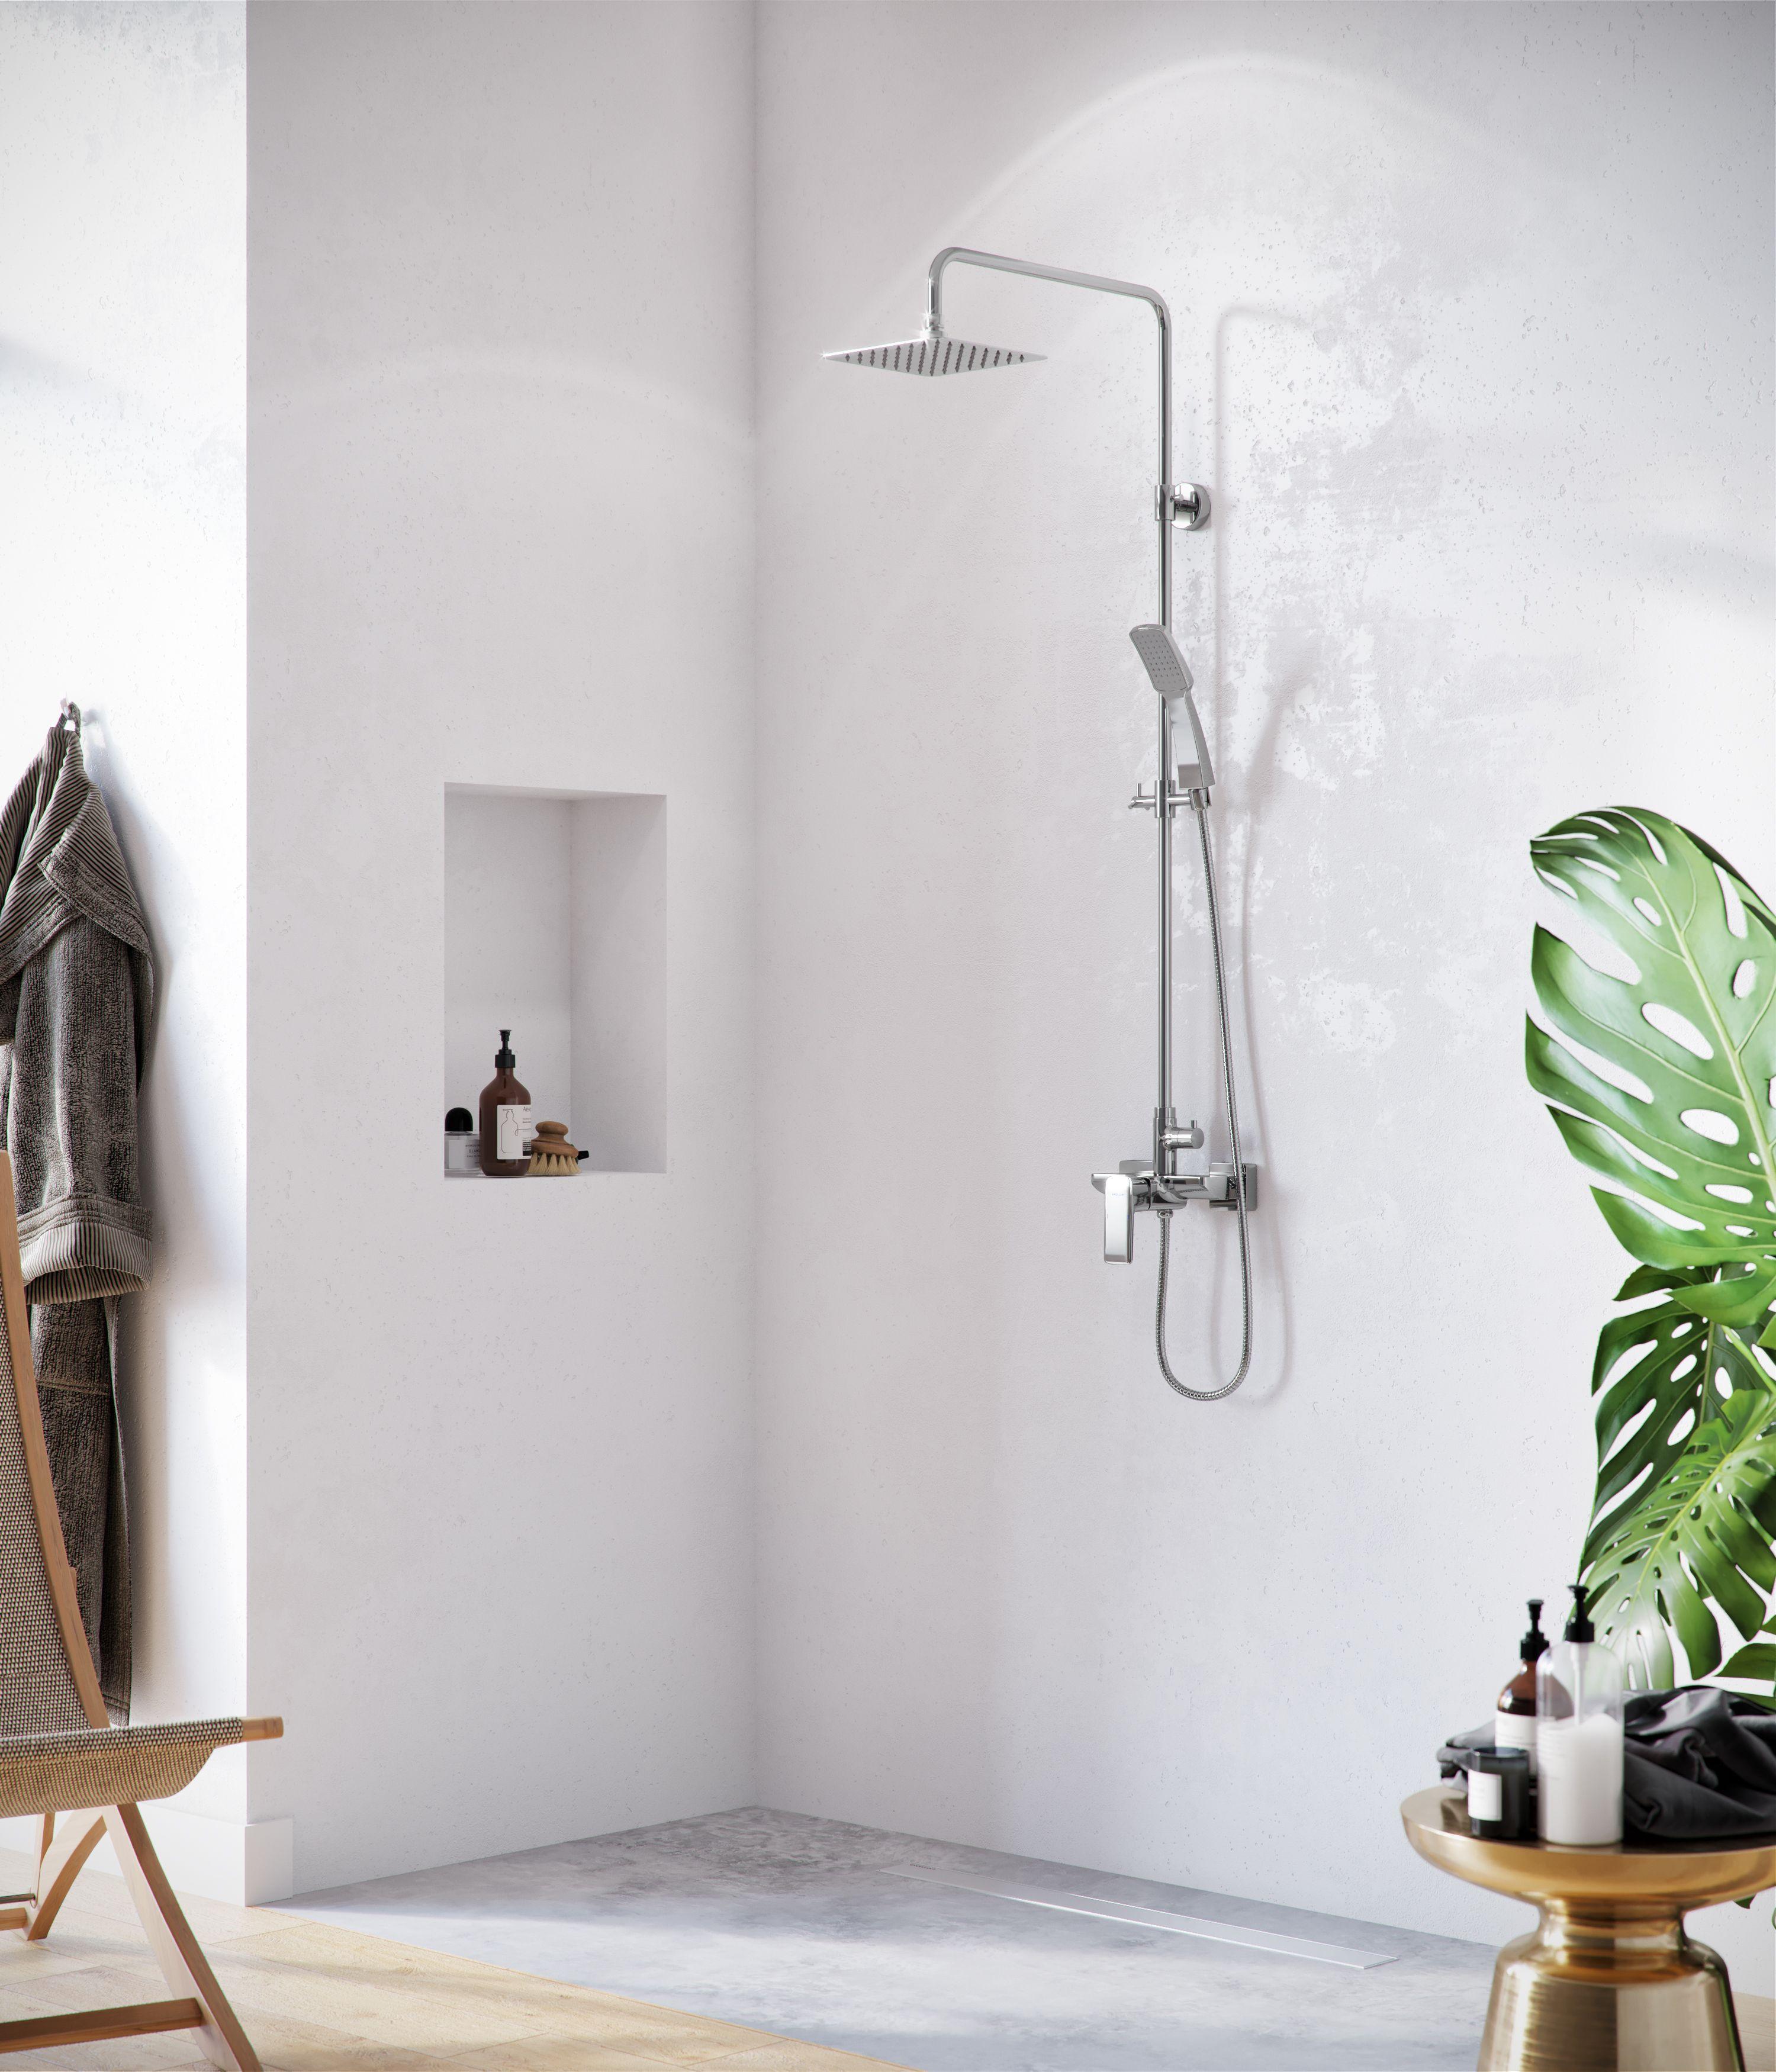 Zestaw Prysznicowy Rain Keria Armatura Keria Marki Excellent To Starannie Wybierane Produkty Ktore Skutecznie Lacza W Sobie Harmonijne Keria Home Decor Decor